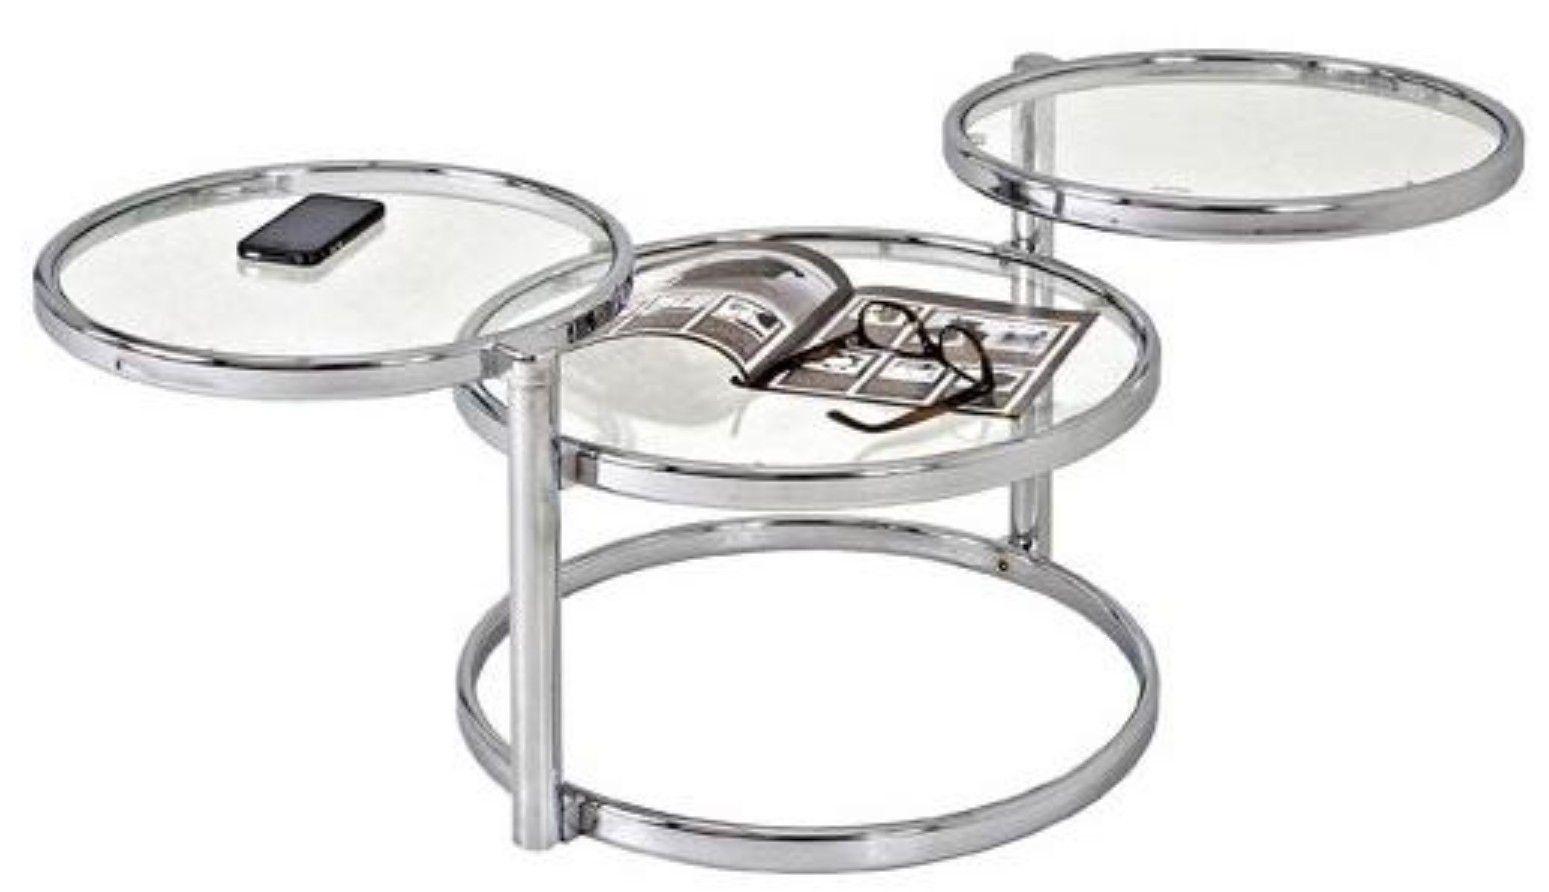 Table Basse Pivotante Verre Trempe Et Metal Chrome Ariol Lestendances Fr Table Basse Plateau Rond Table Blanc Laque